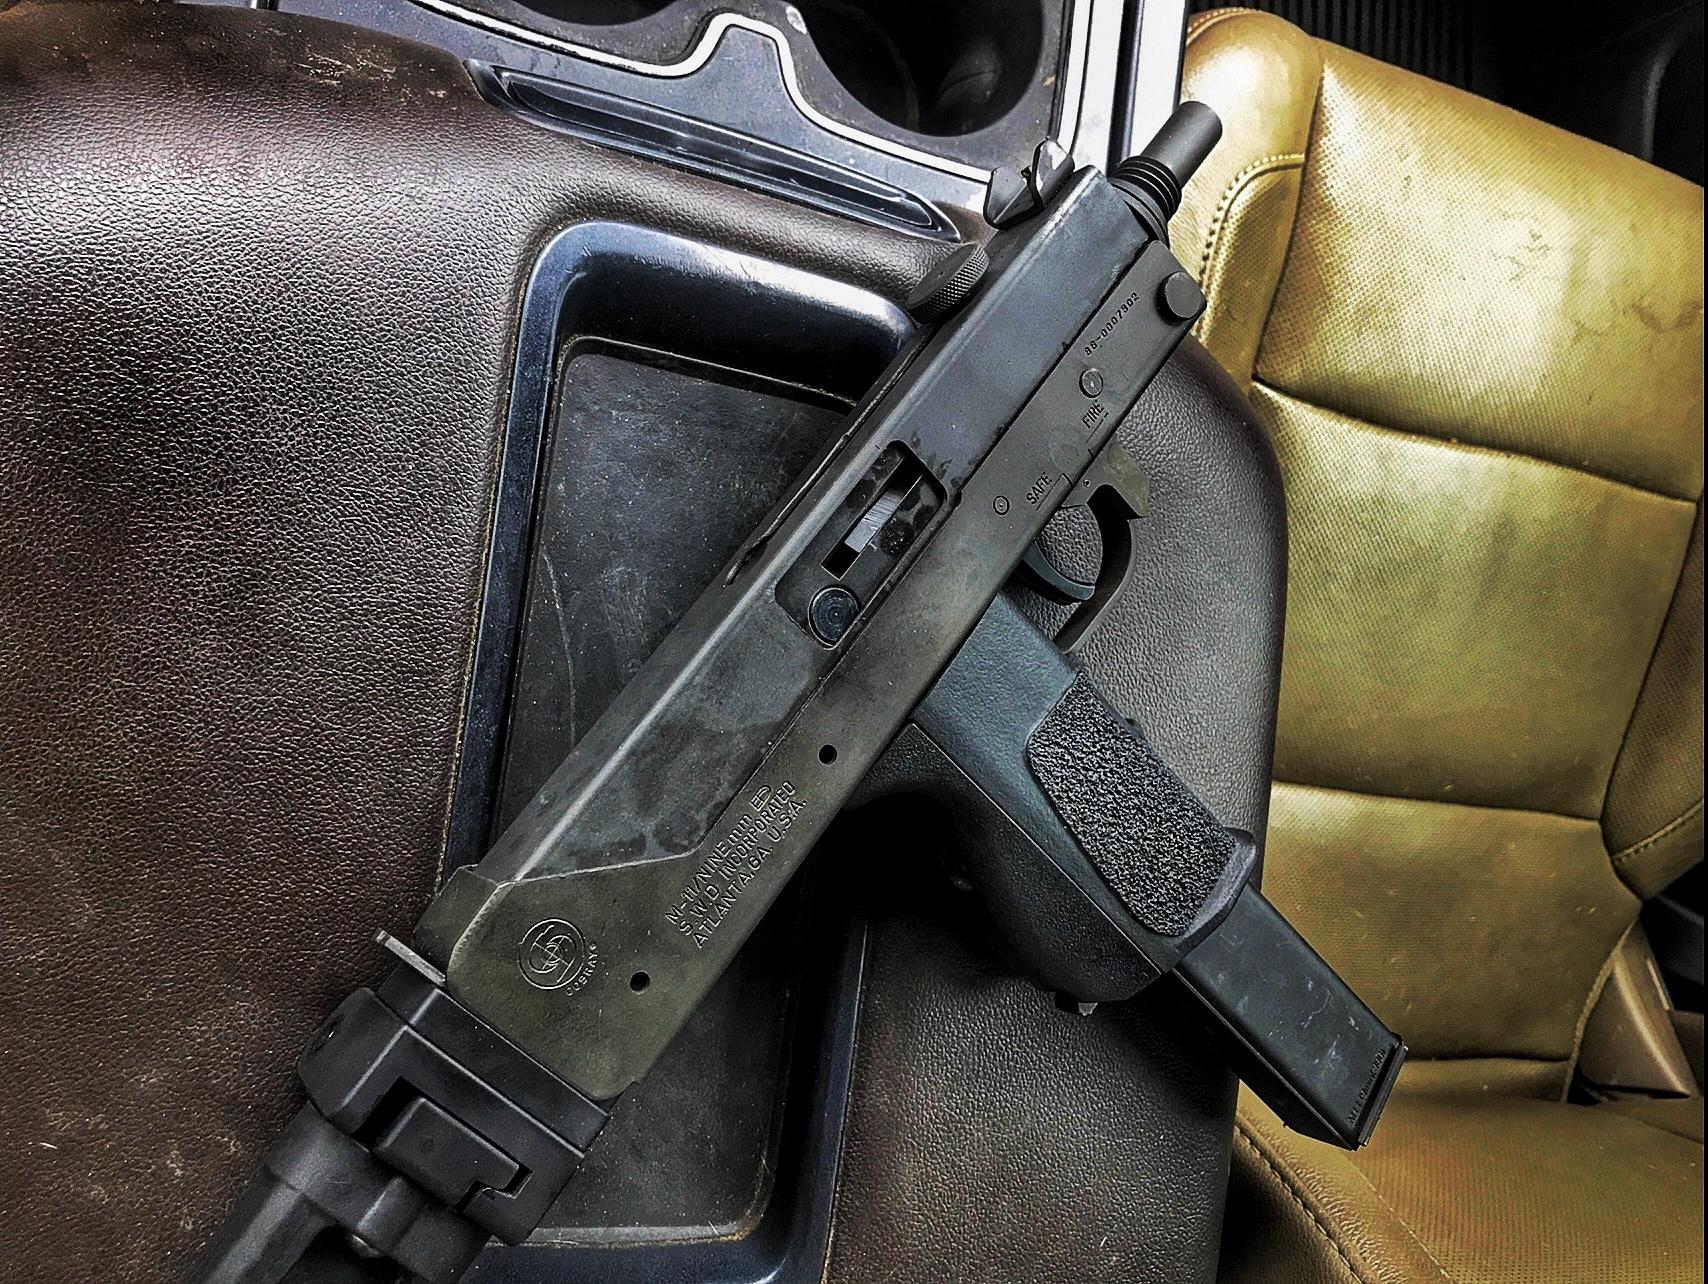 Machine Guns and Rabbits